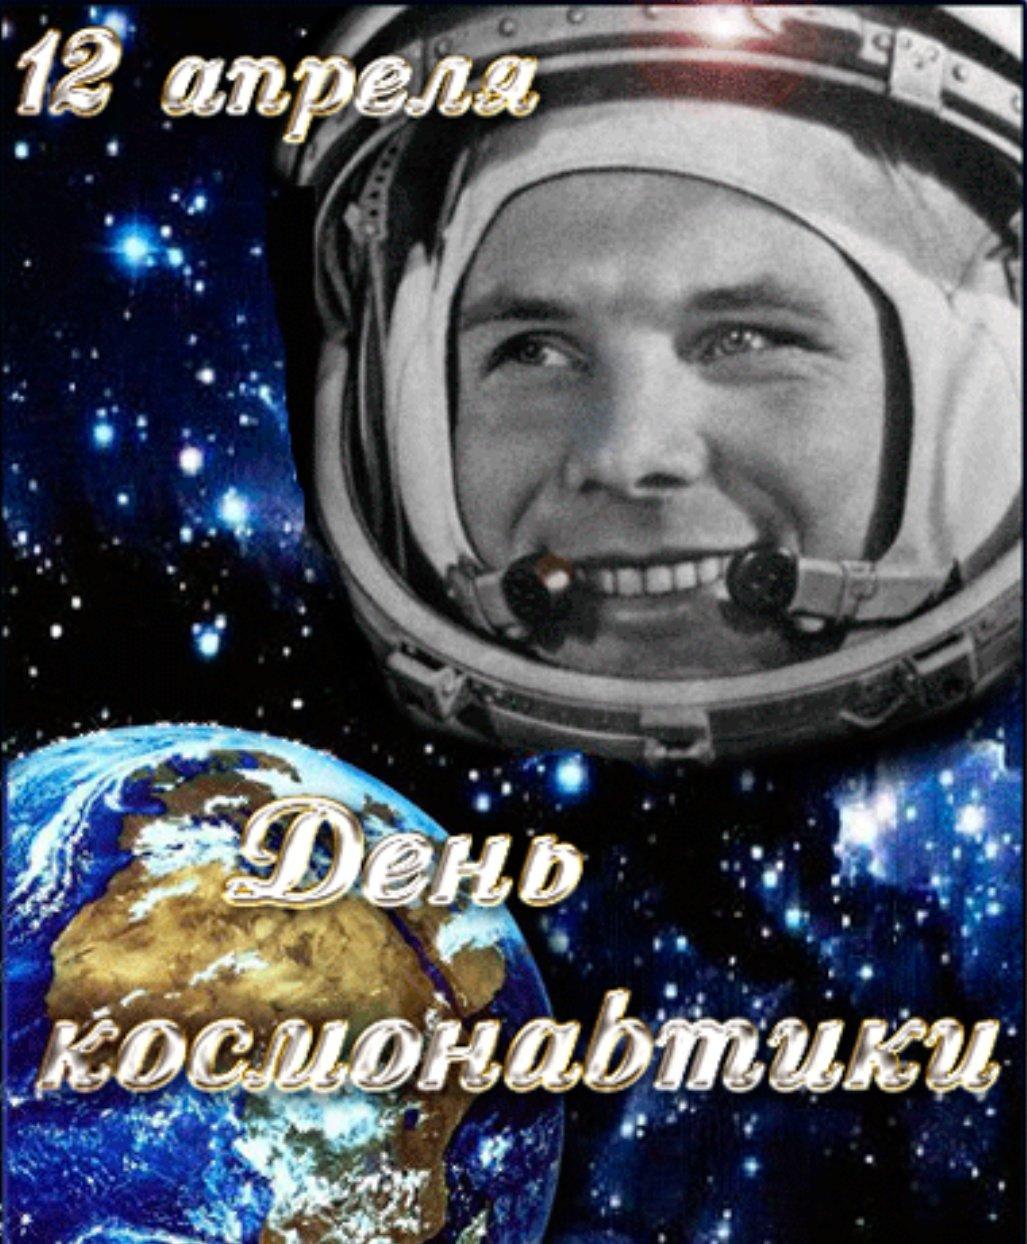 Открытка с 12 апреля день космонавтики, днем рождения сыну